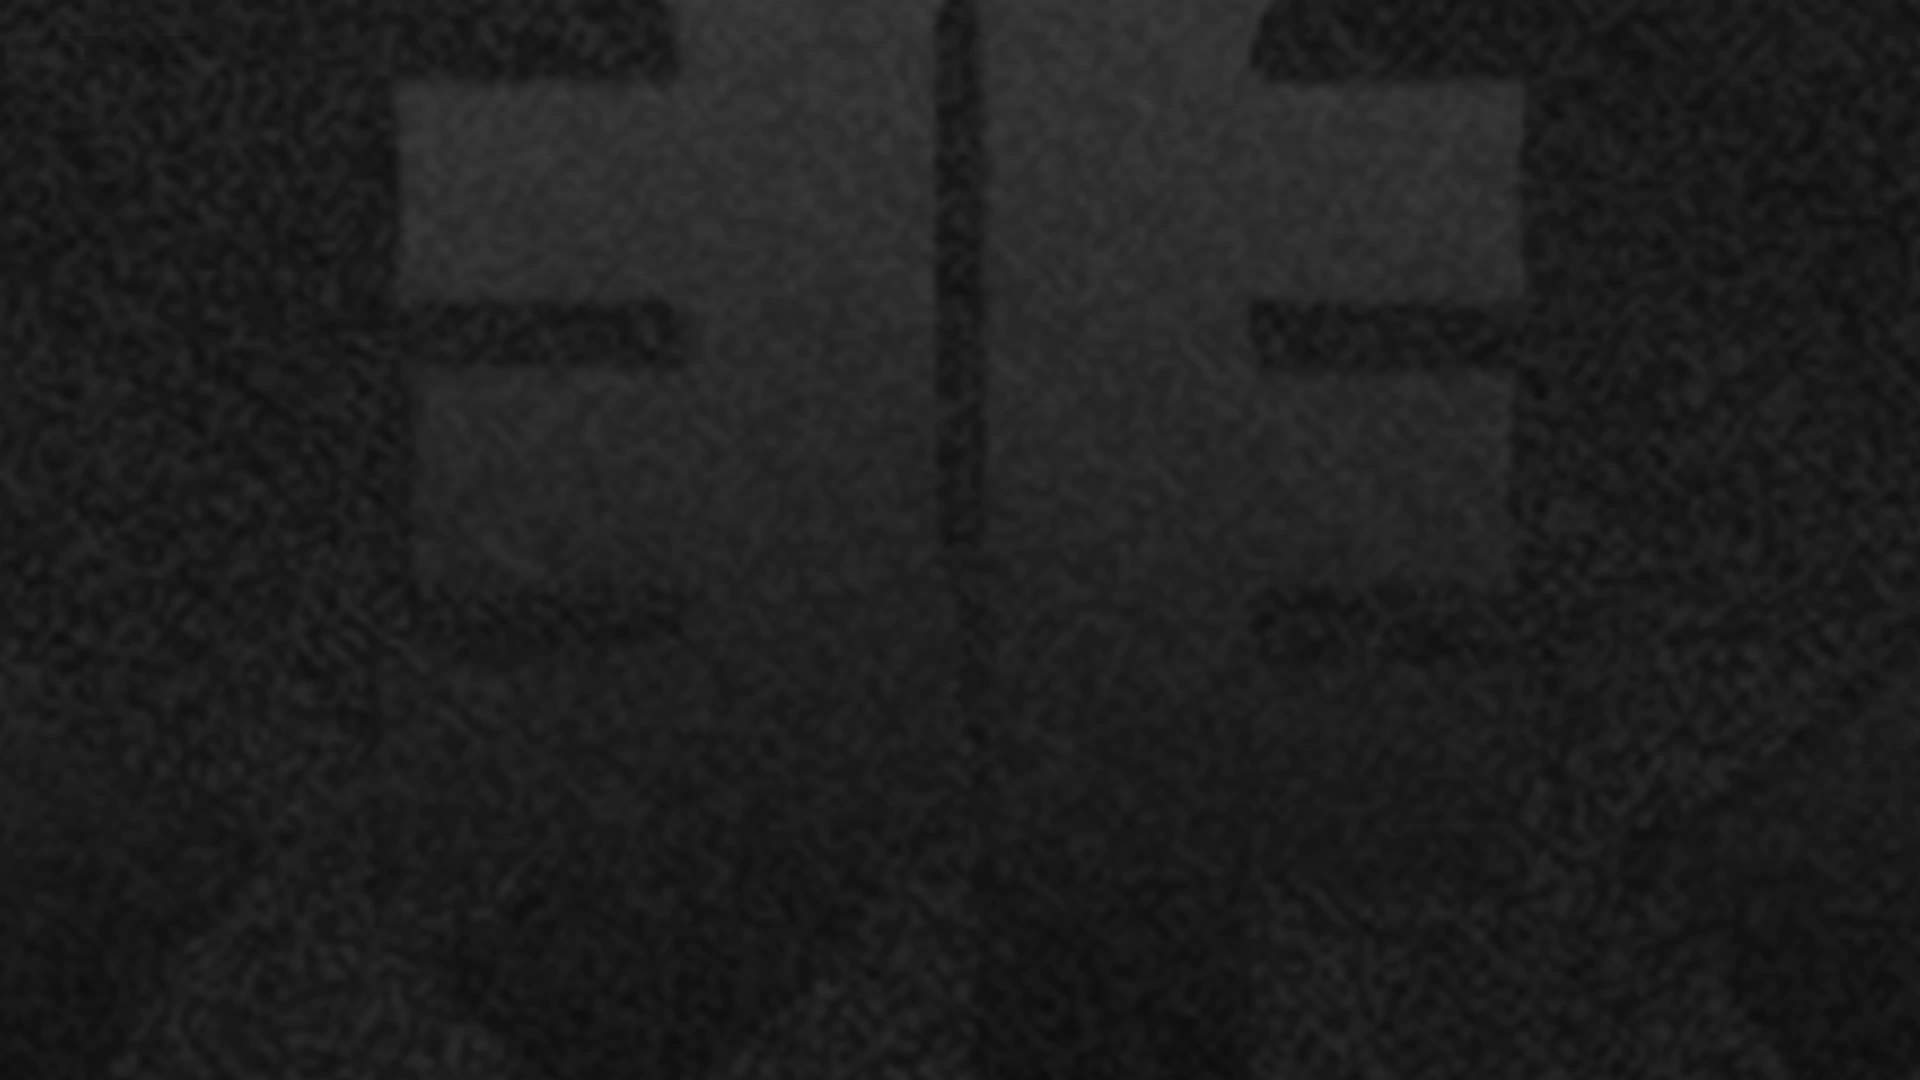 ヒトニアラヅNo.02 姿と全体の流れを公開 ギャル  63pic 4